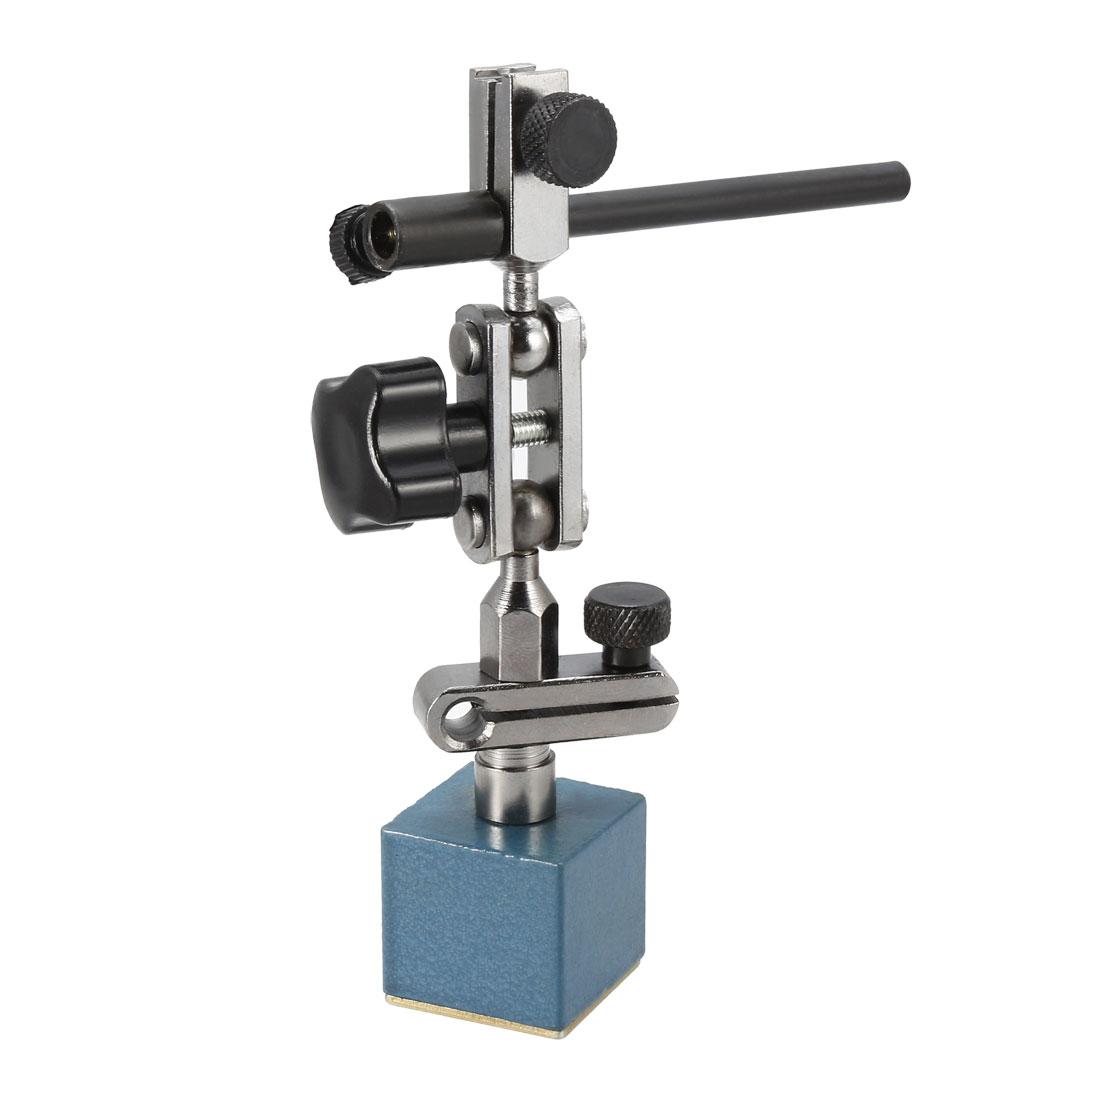 Magnetic Holder Base Stand Adjustable 132mm for Level Dial Test Gage Indicator